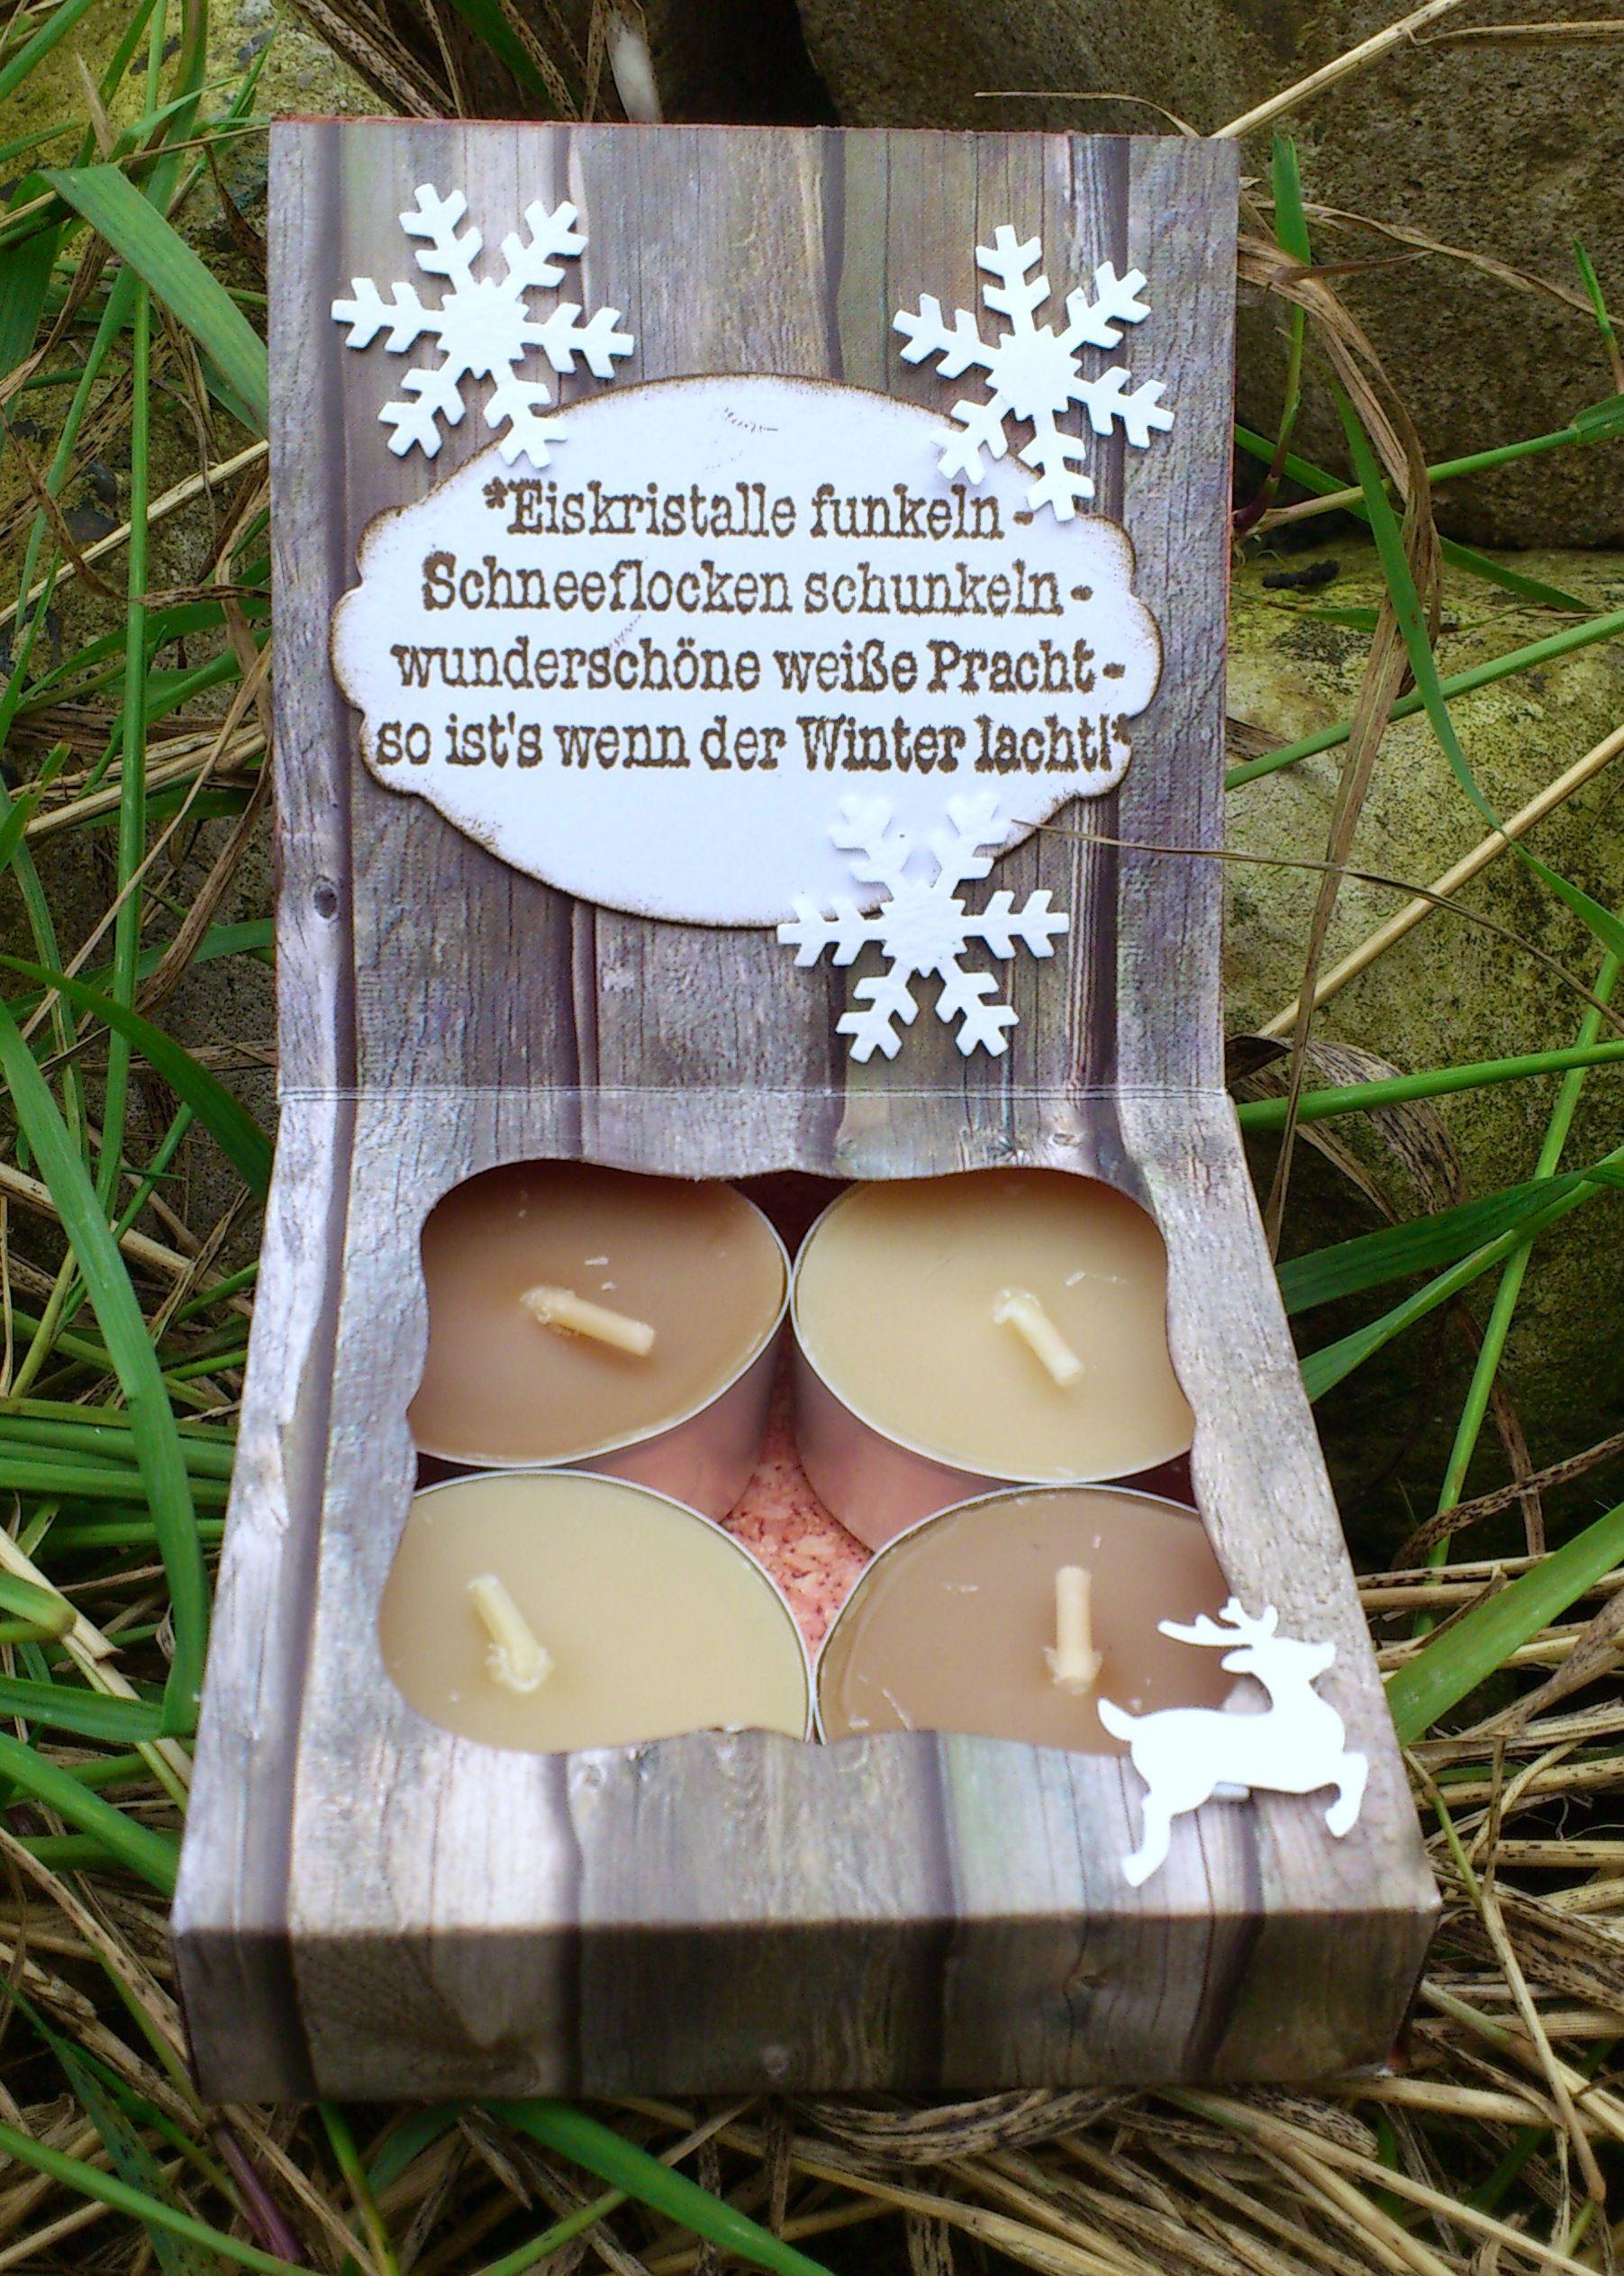 Mannlicher Adventskranz To Go Spruch Von Pp Stamps Weihnachten Mitbringsel Weihnachtsideen Weihnachtspost